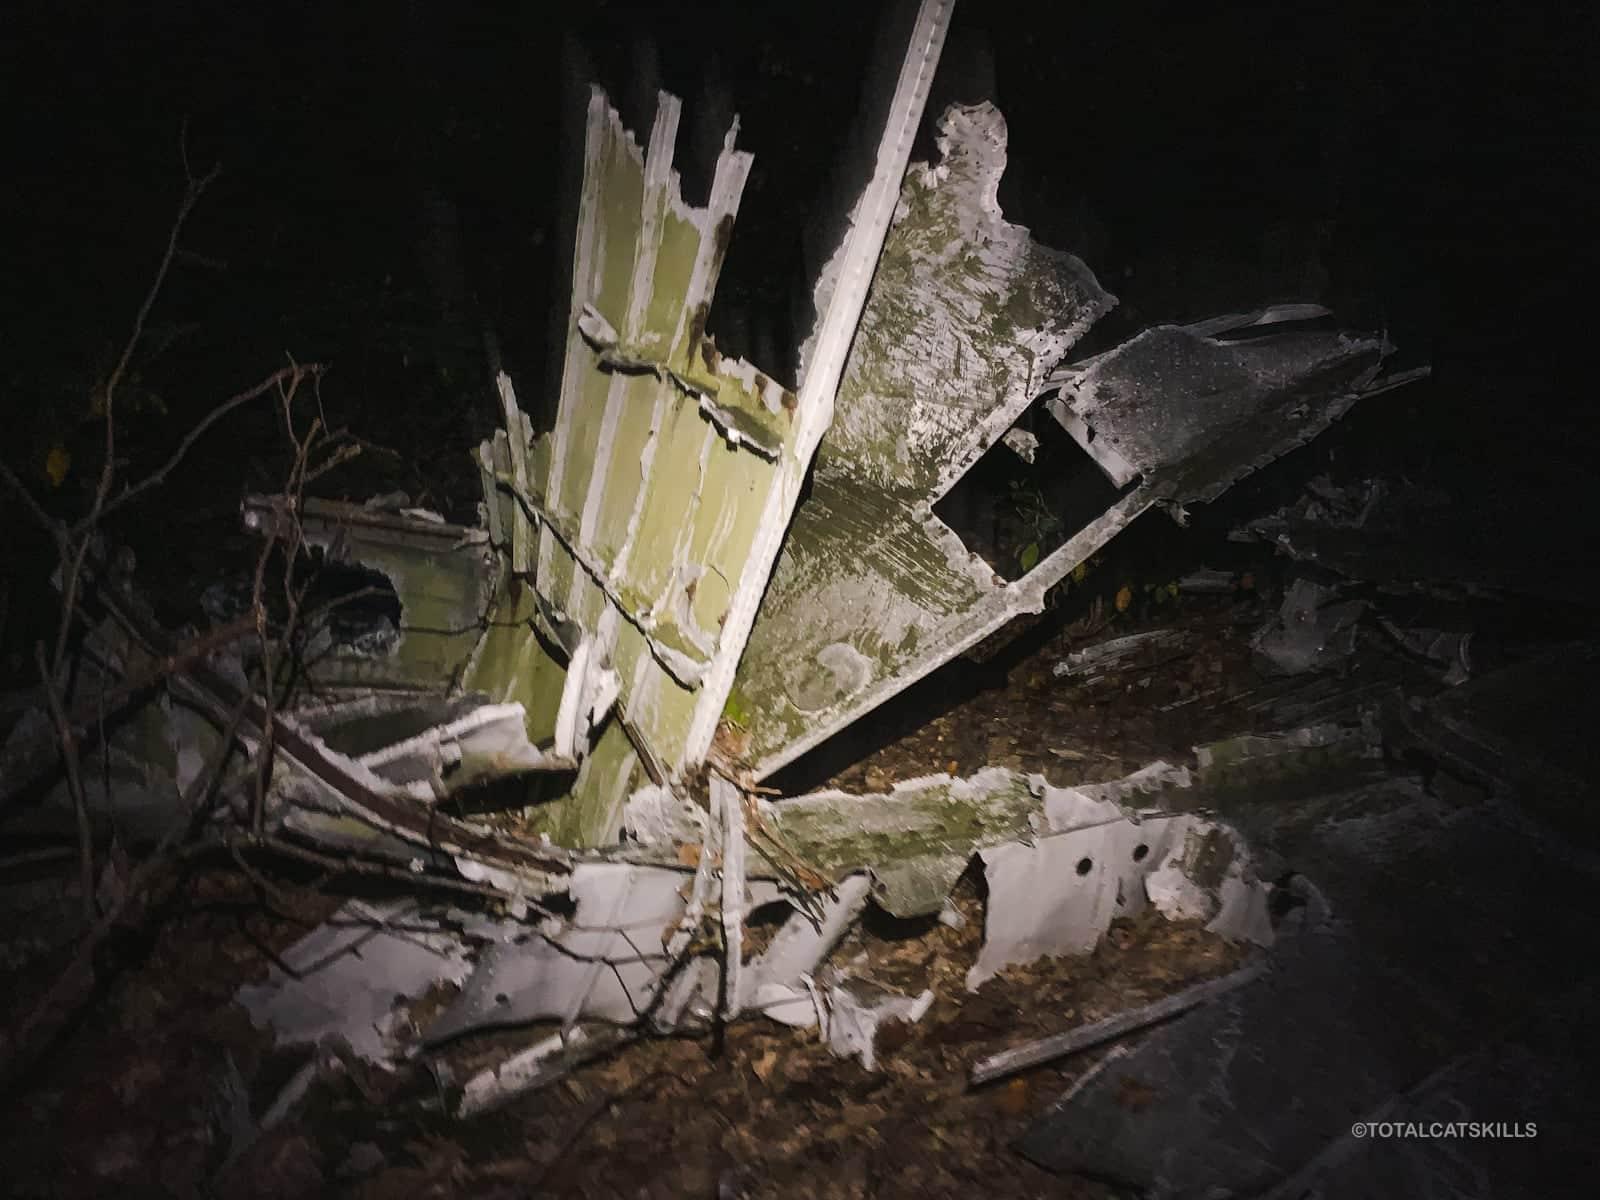 ashokan high point plane wreck